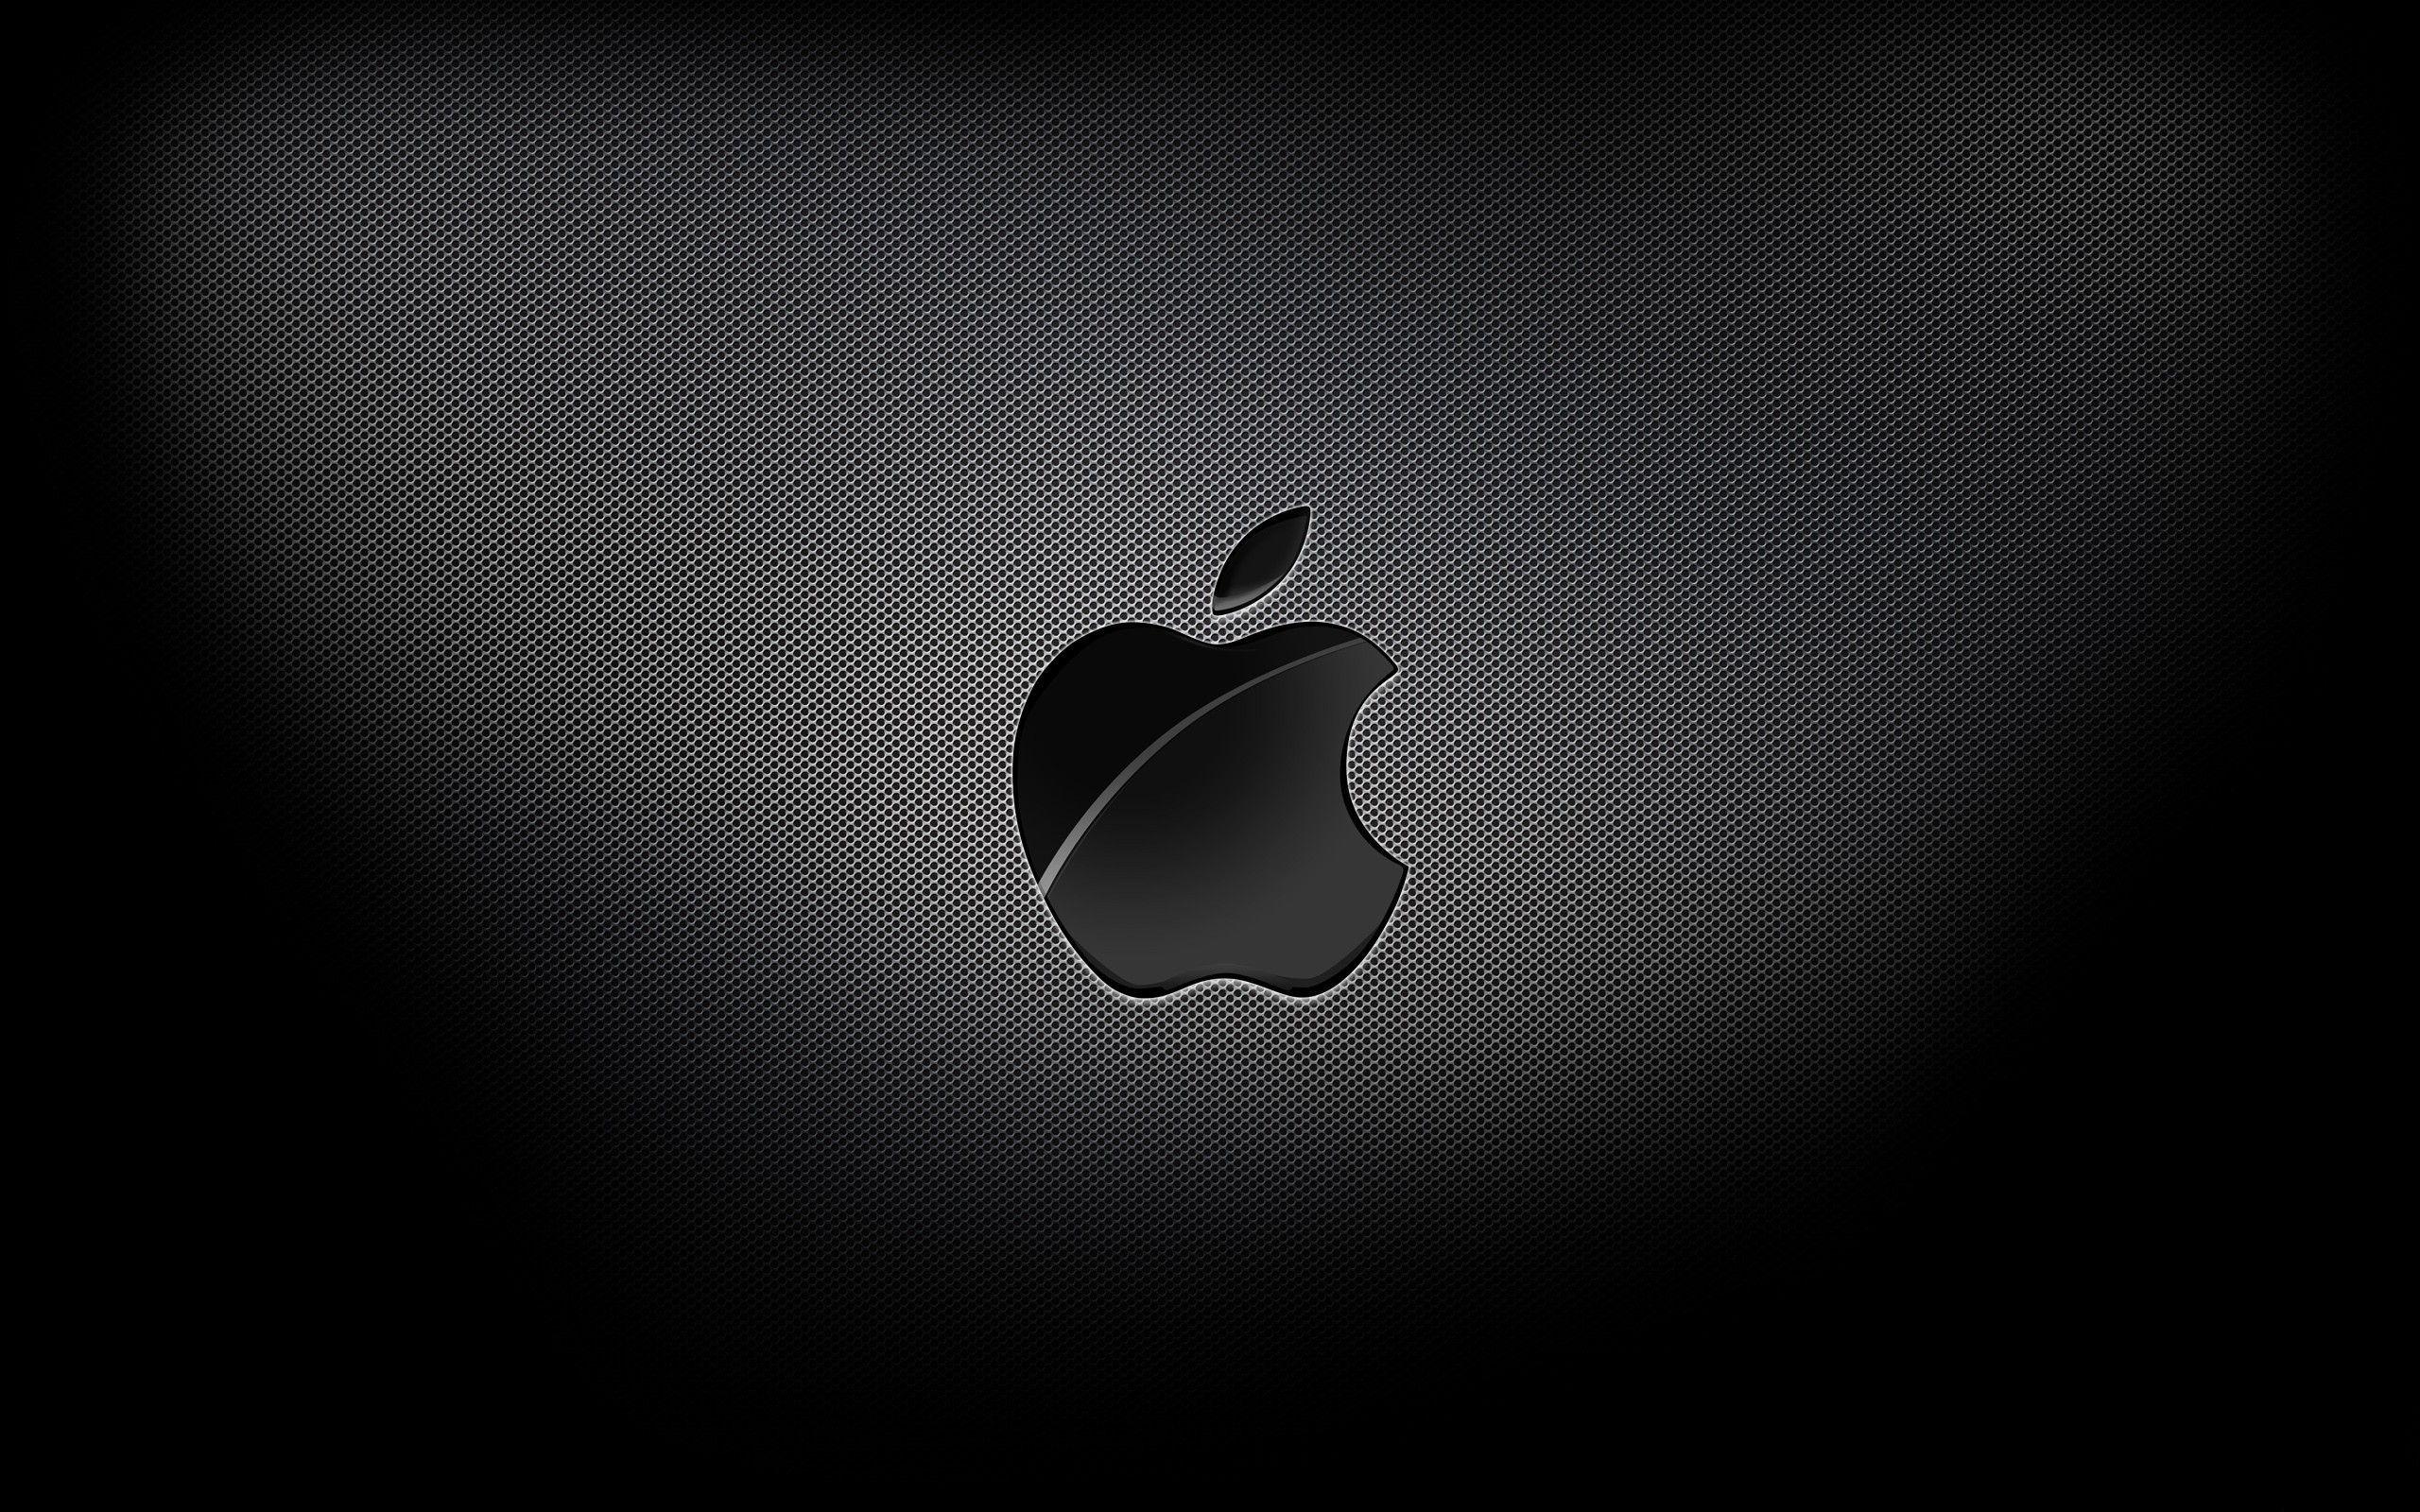 Elegant Free Macbook Air Wallpaper Macbook Air Wallpaper Black Apple Wallpaper Background Hd Wallpaper